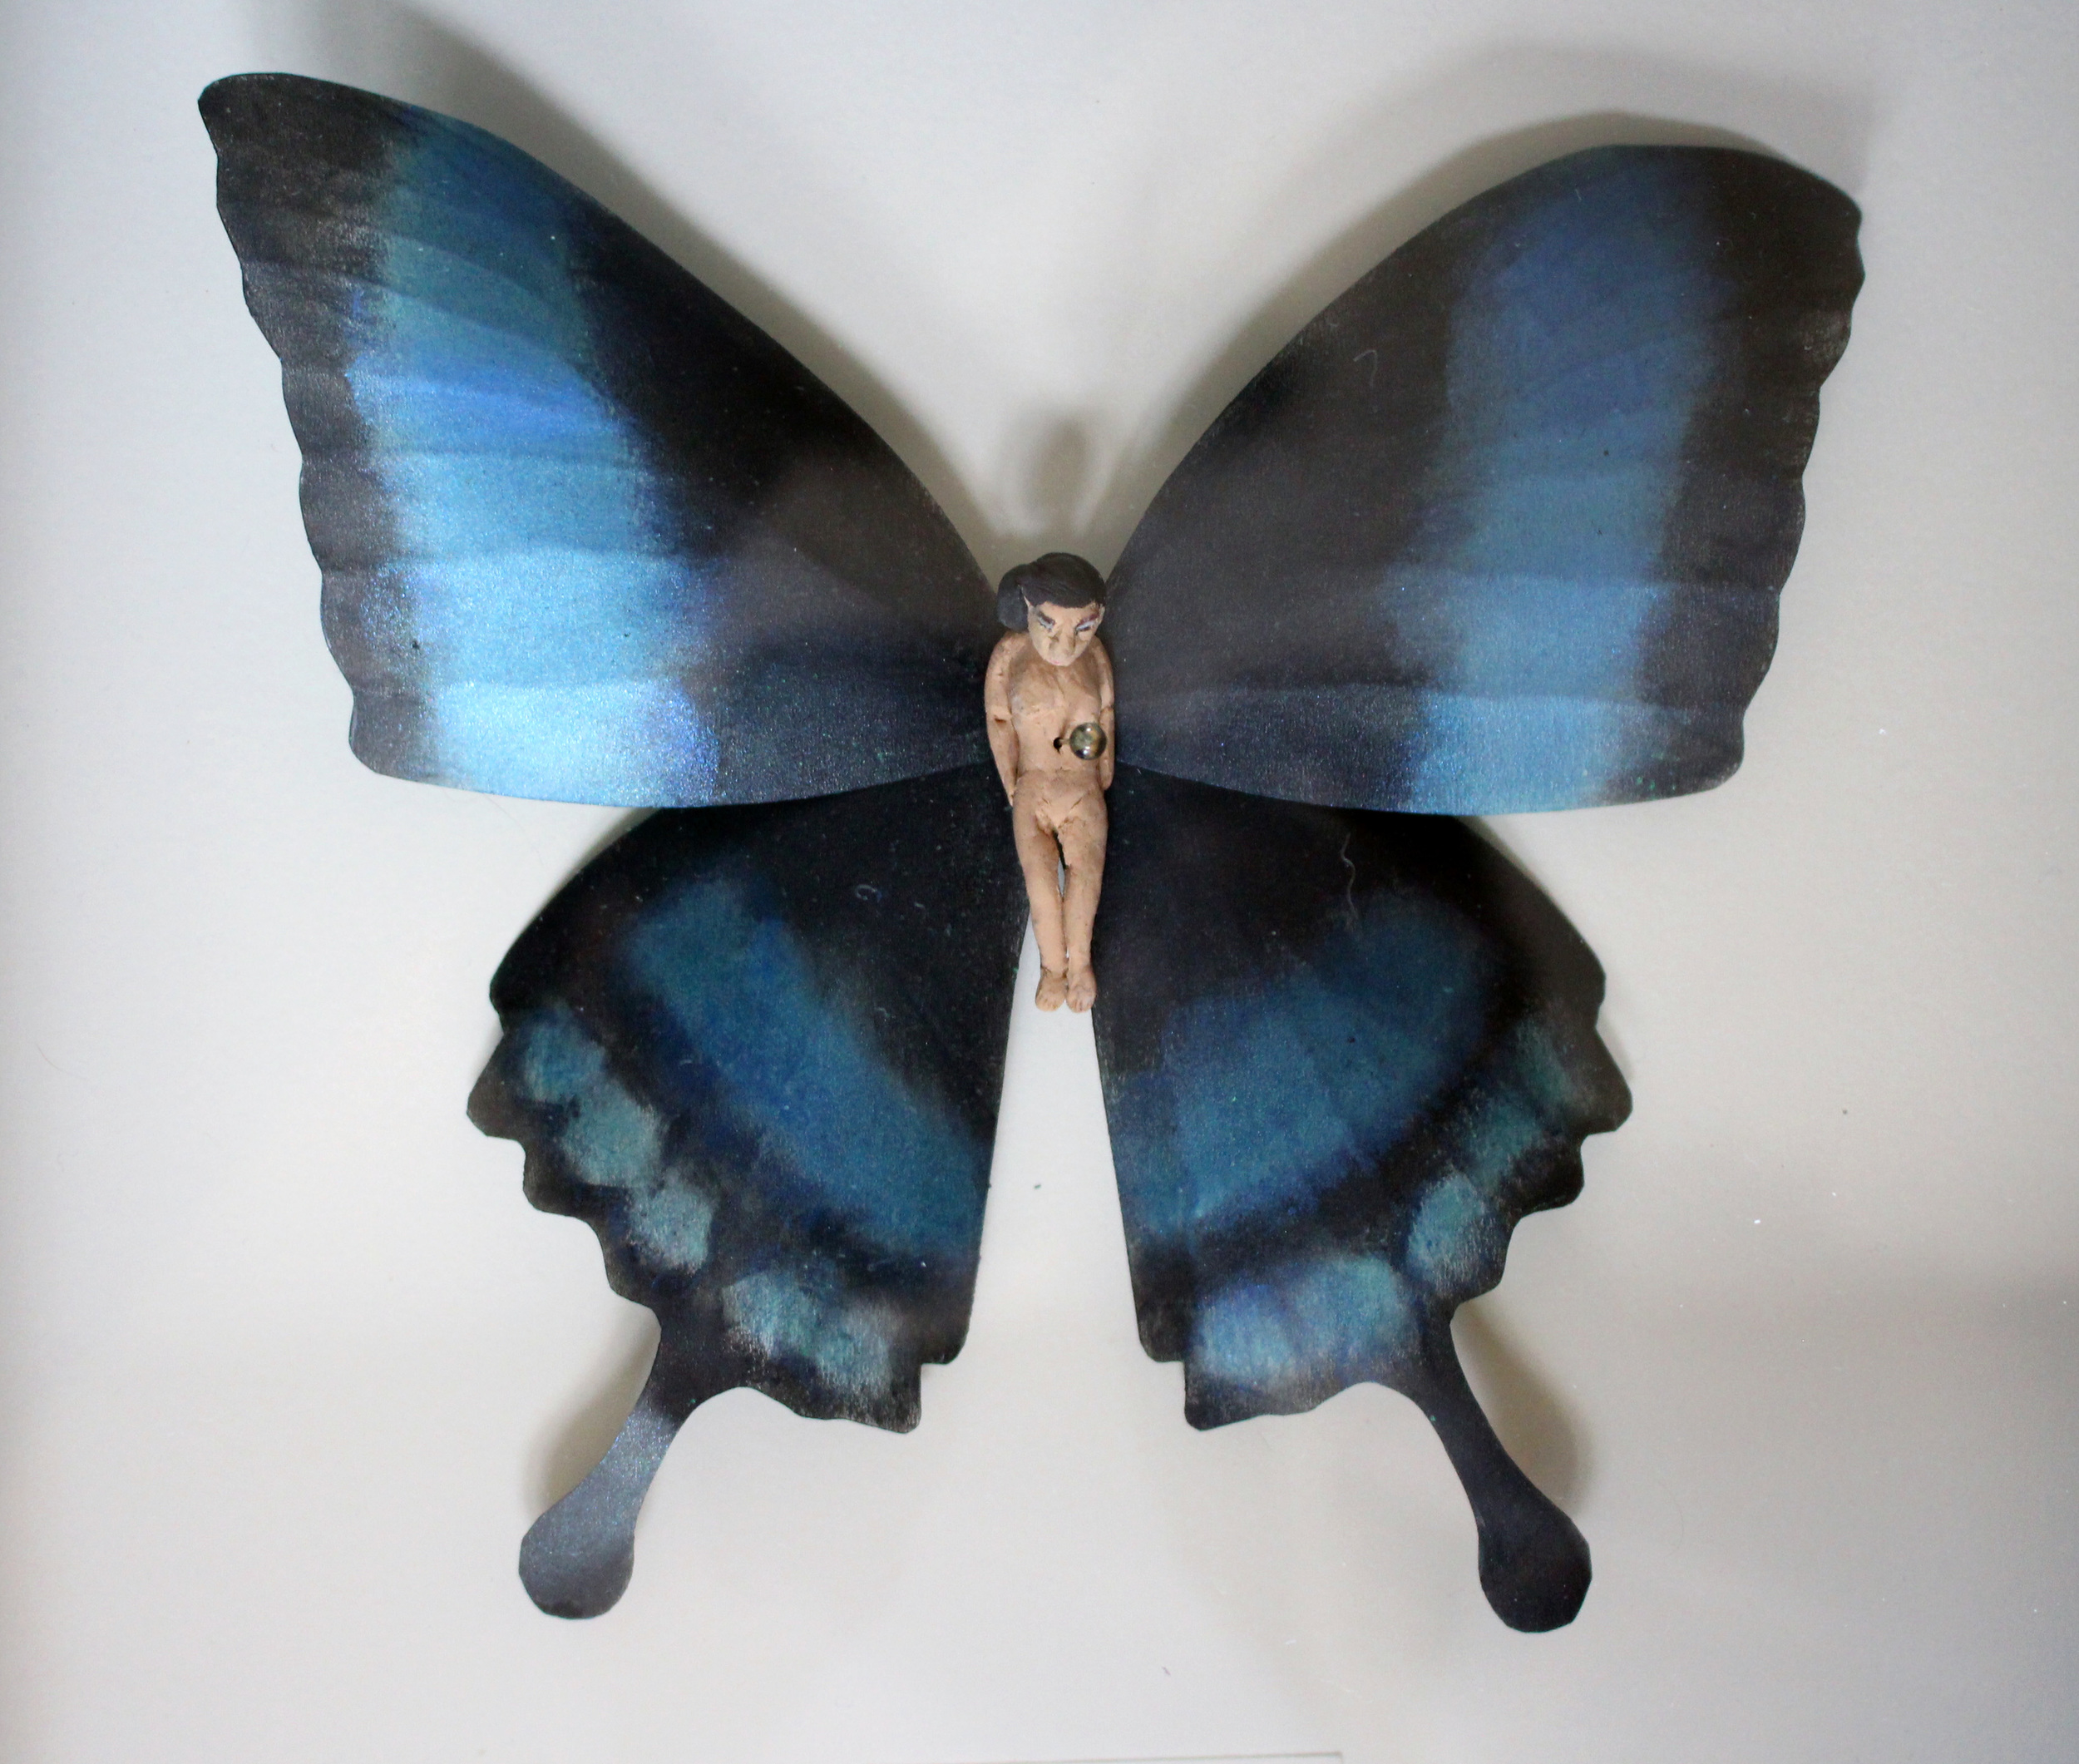 Entomology of a Developing Feminist (Papilio palinurus Detail)